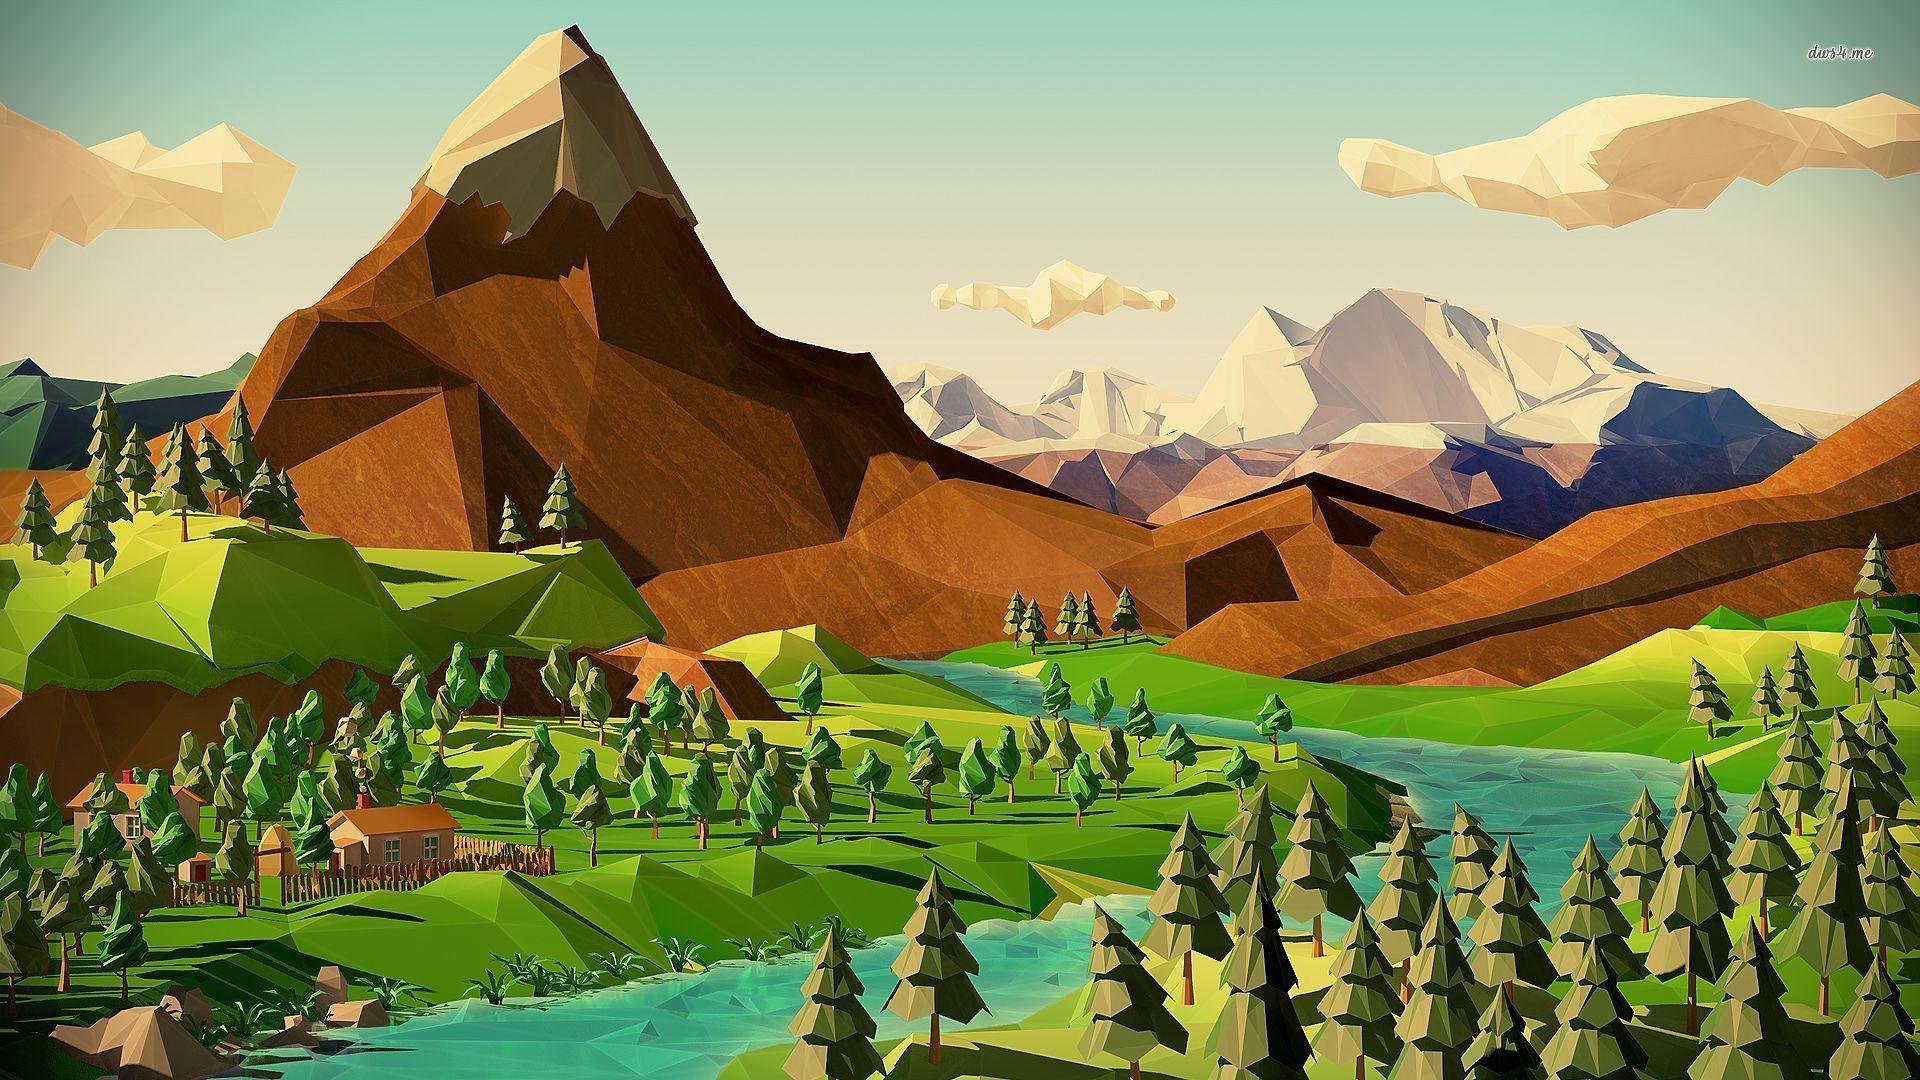 Best Wallpaper Mountain Animated - d37cde5d94b1564e3df7e753d4037262  Trends_5199.jpg